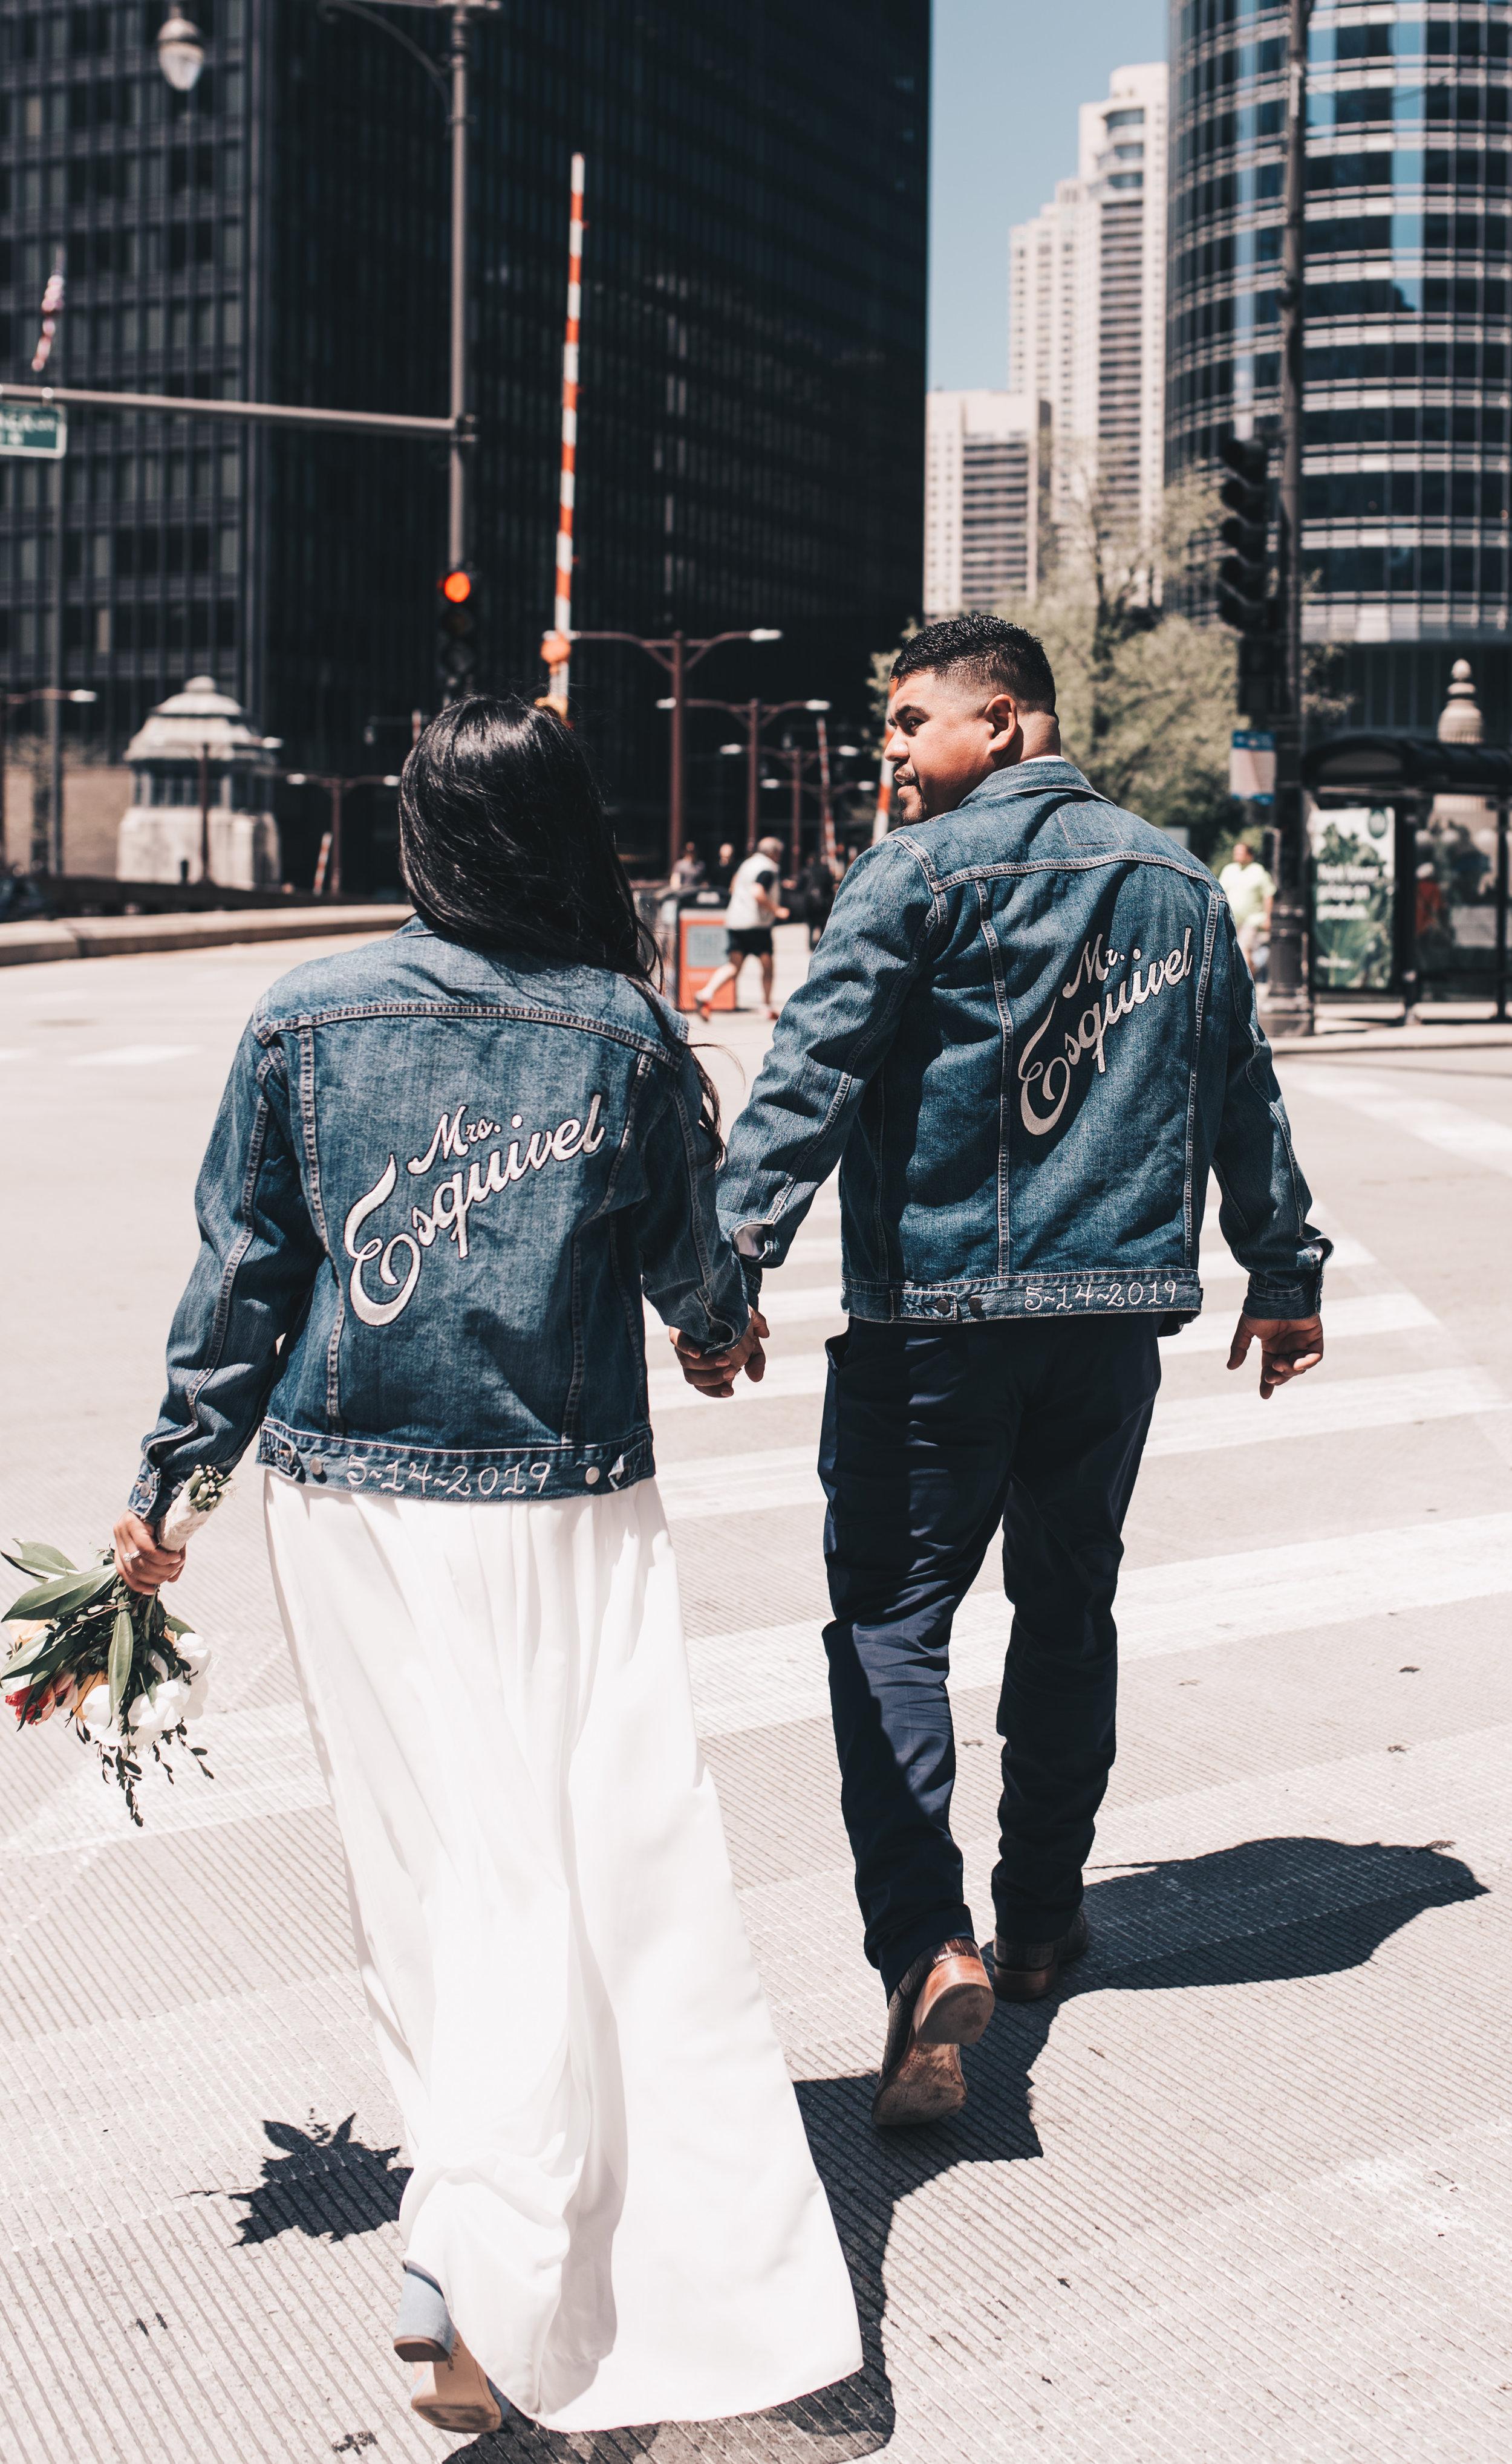 Chicago Elopement, Millennium Park Ceremony, London House Chicago, Destination Elopement, Bride and Groom Photos, Adventurous Elopement, Chicago Elopement Photographer